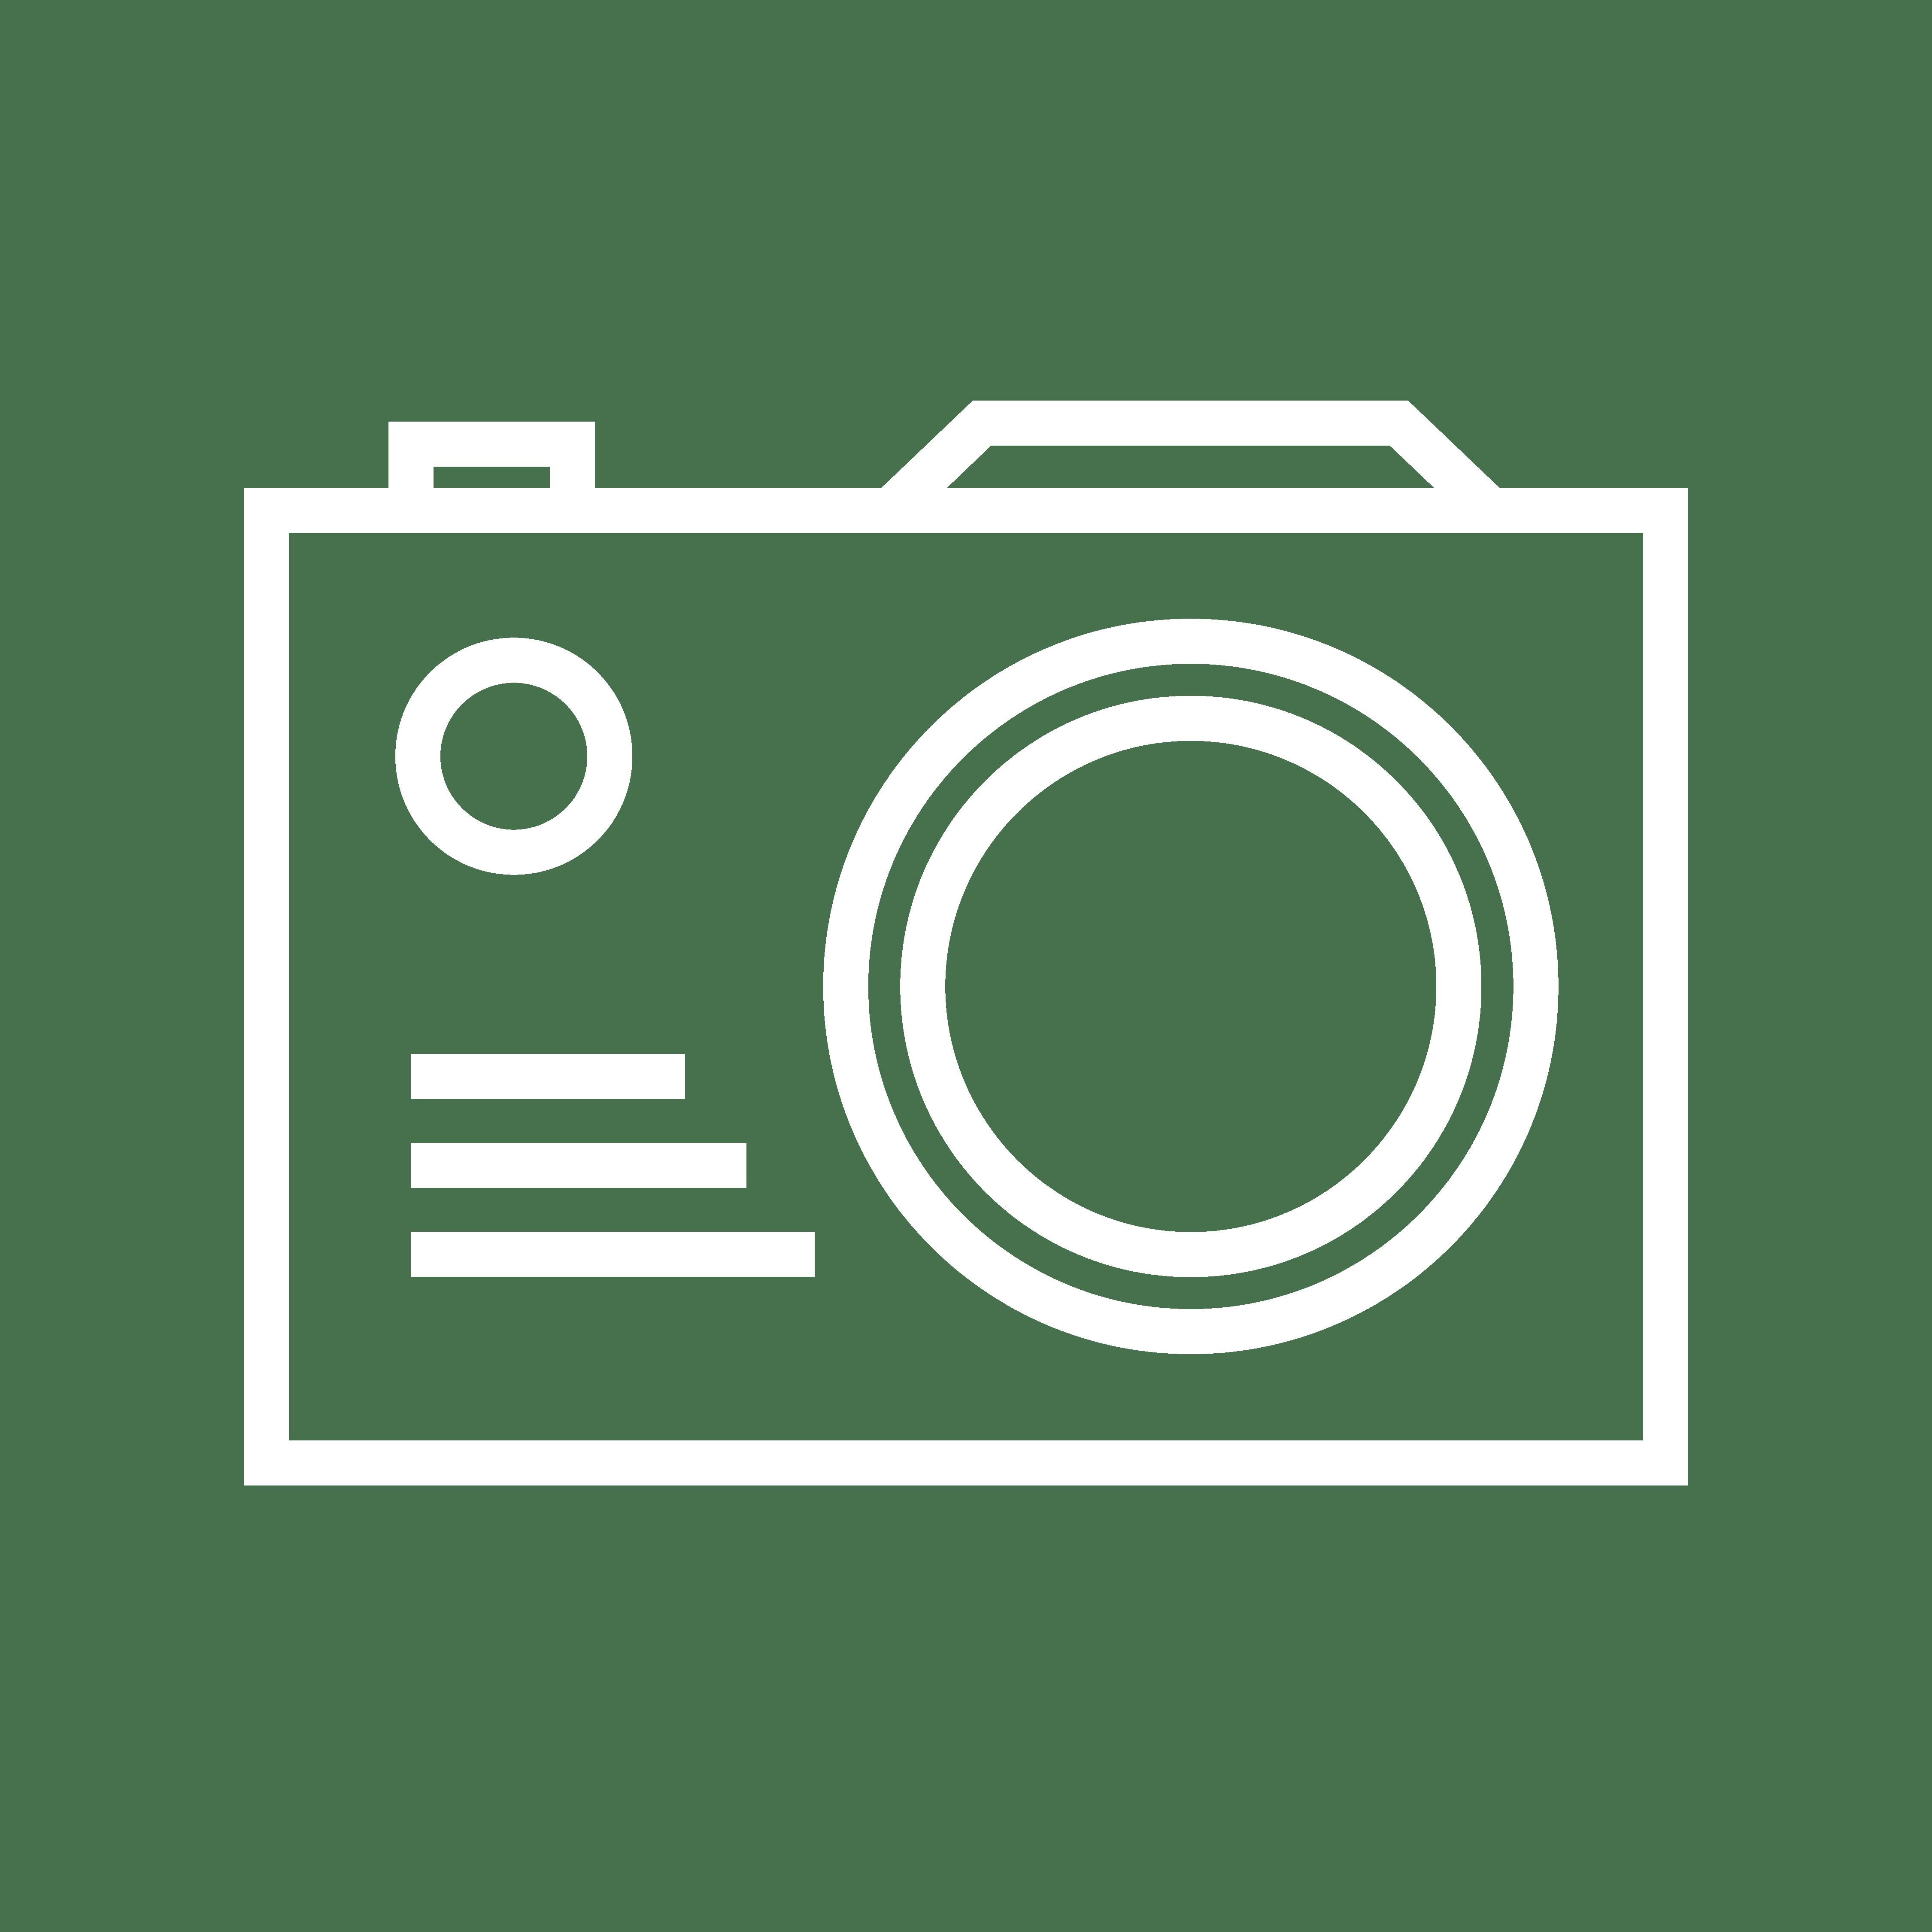 Webbsidor ikon